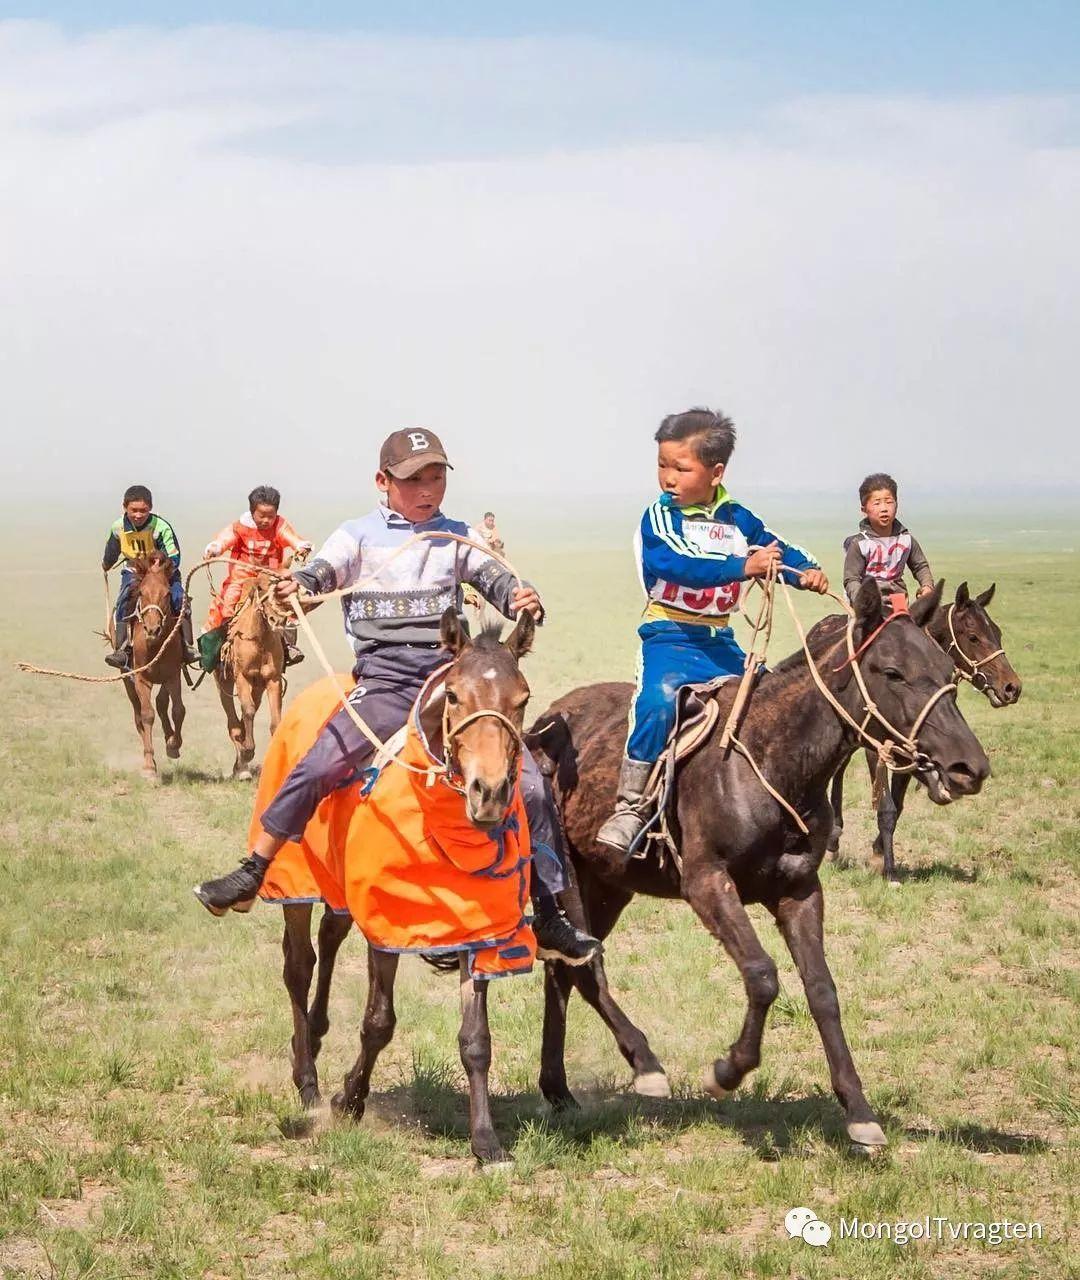 蒙古影像-Robert Michael Poole 第18张